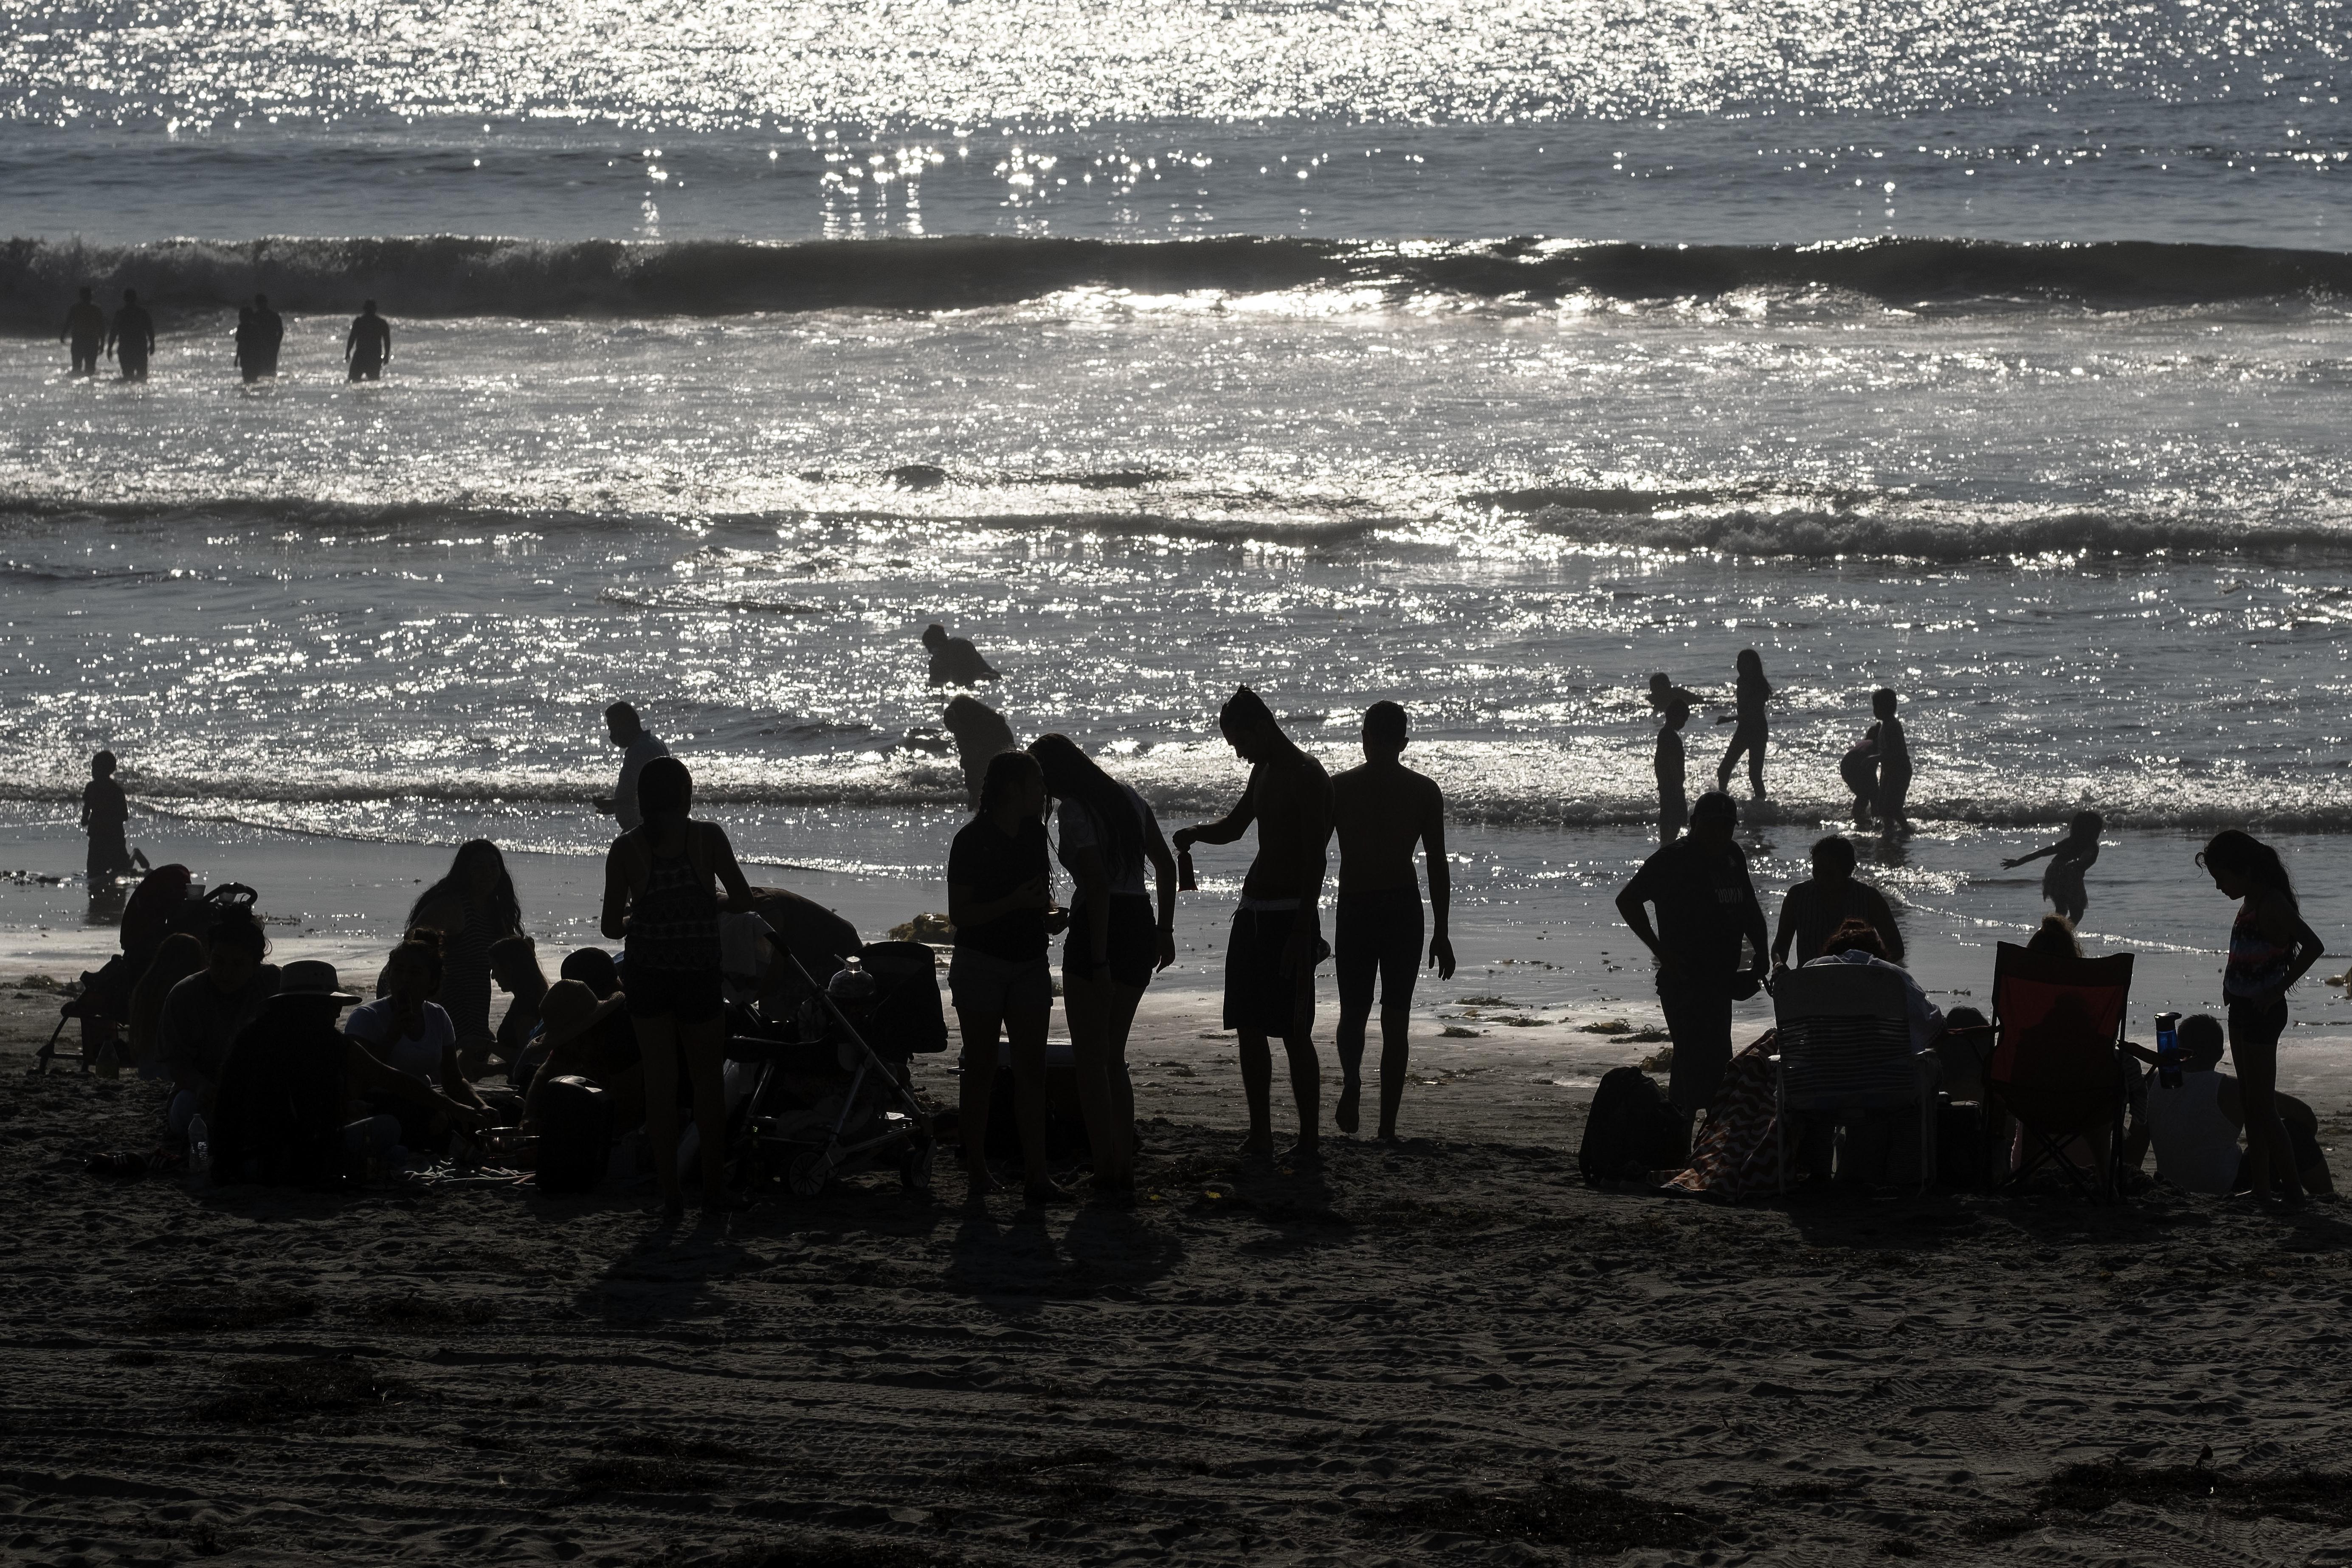 La gente se reúne en Playas de Tijuana cerca de la frontera entre Estados Unidos y México en Tijuana, estado de Baja California, México, el 3 de octubre de 2020, en medio de la pandemia del coronavirus COVID-19.